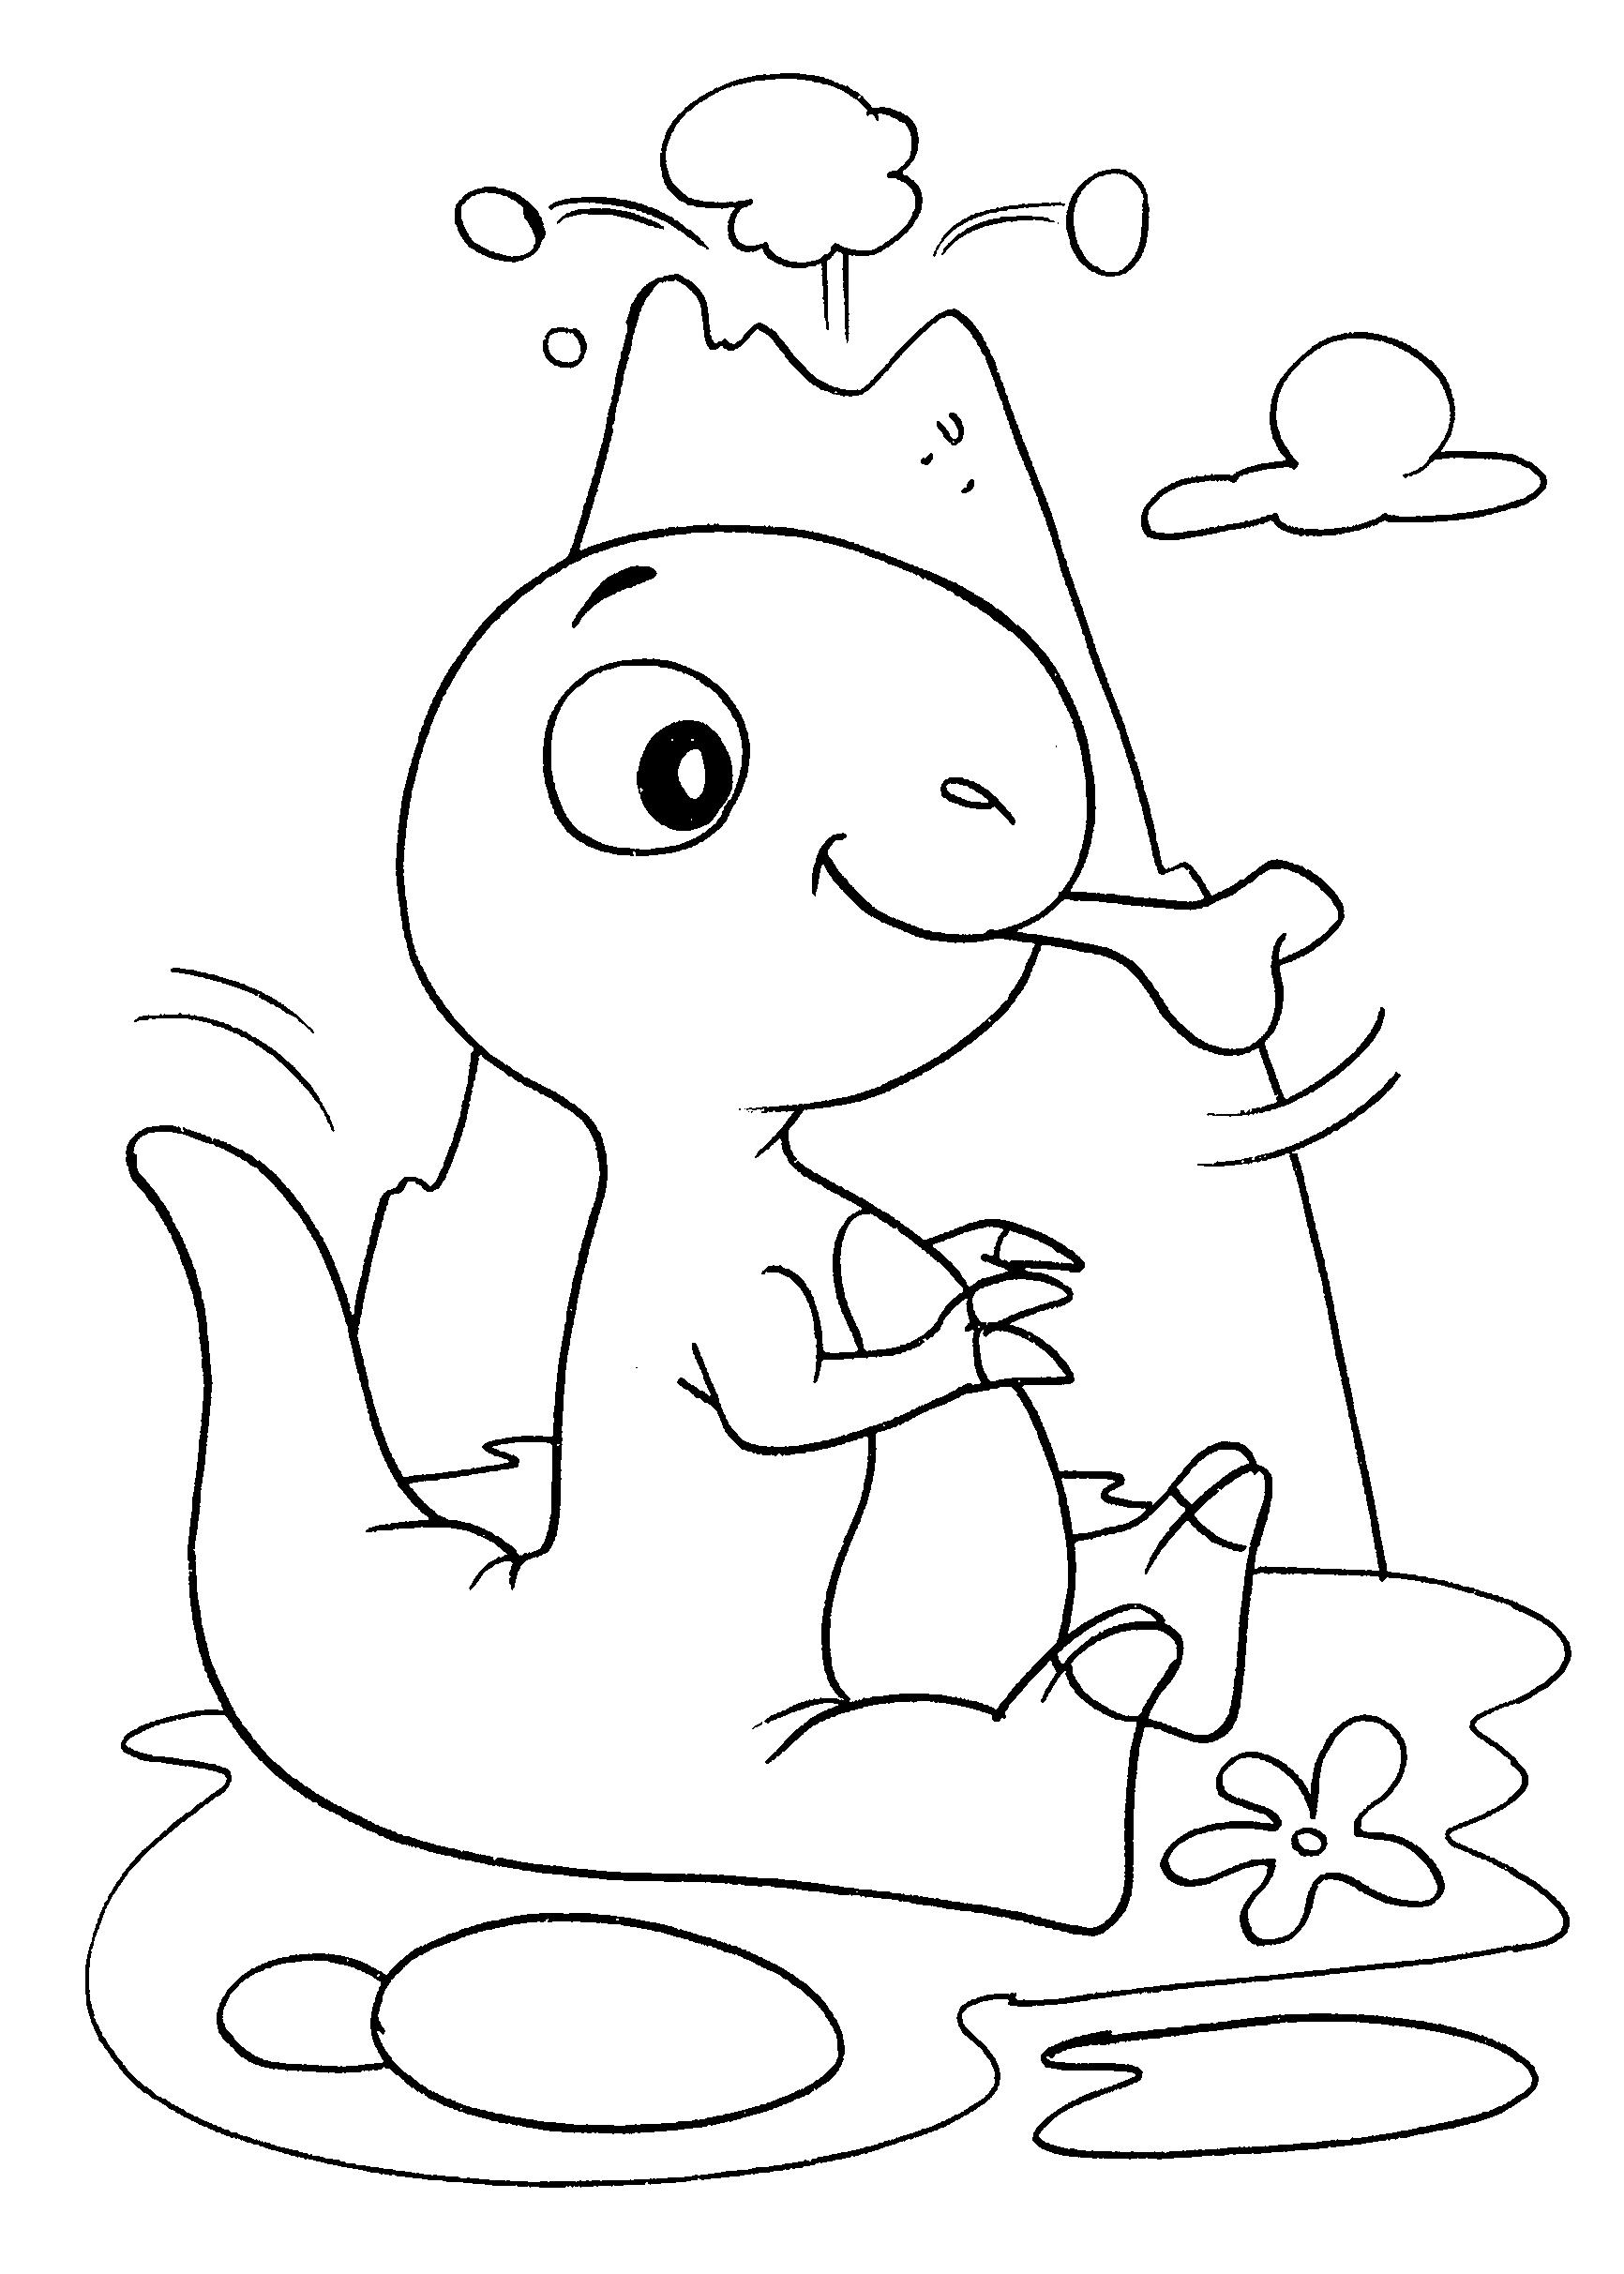 Desenho de Dinossauro bebê comendo